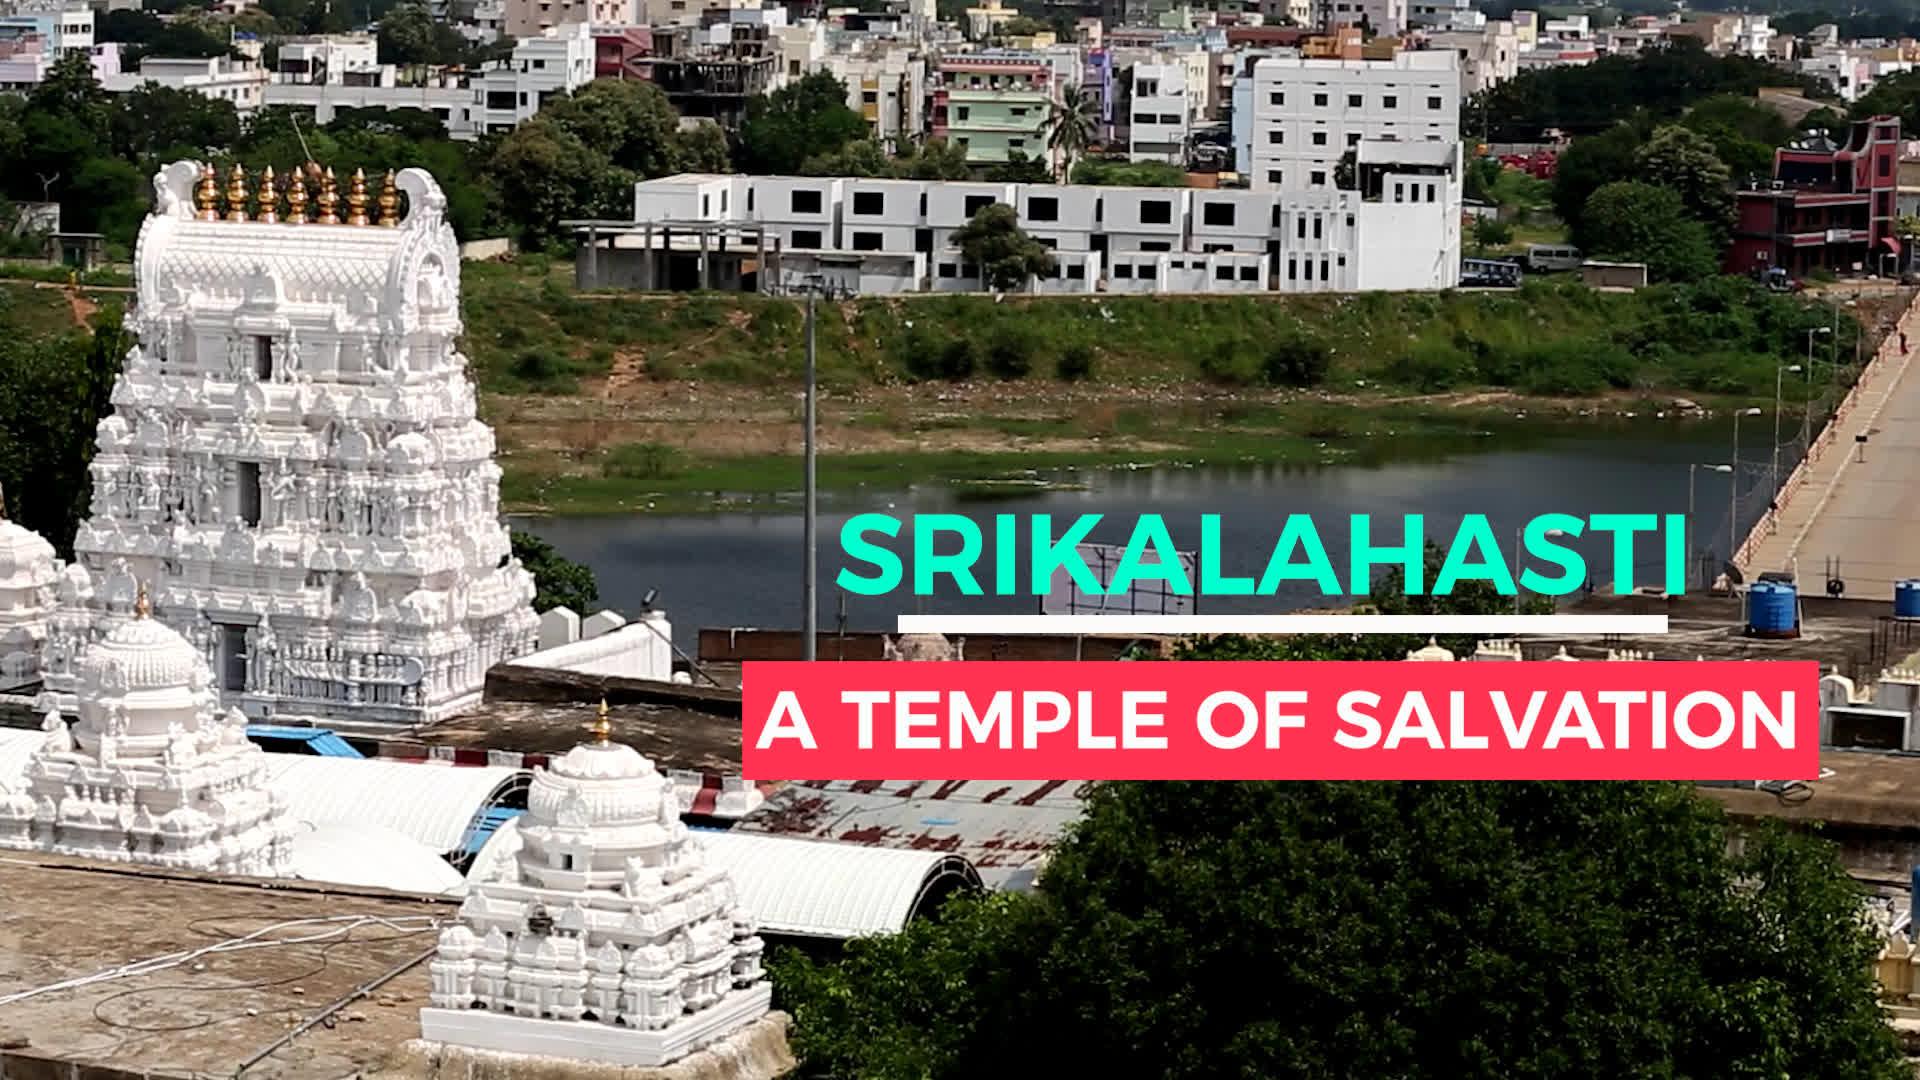 Srikalahasti: A Temple of Salvation